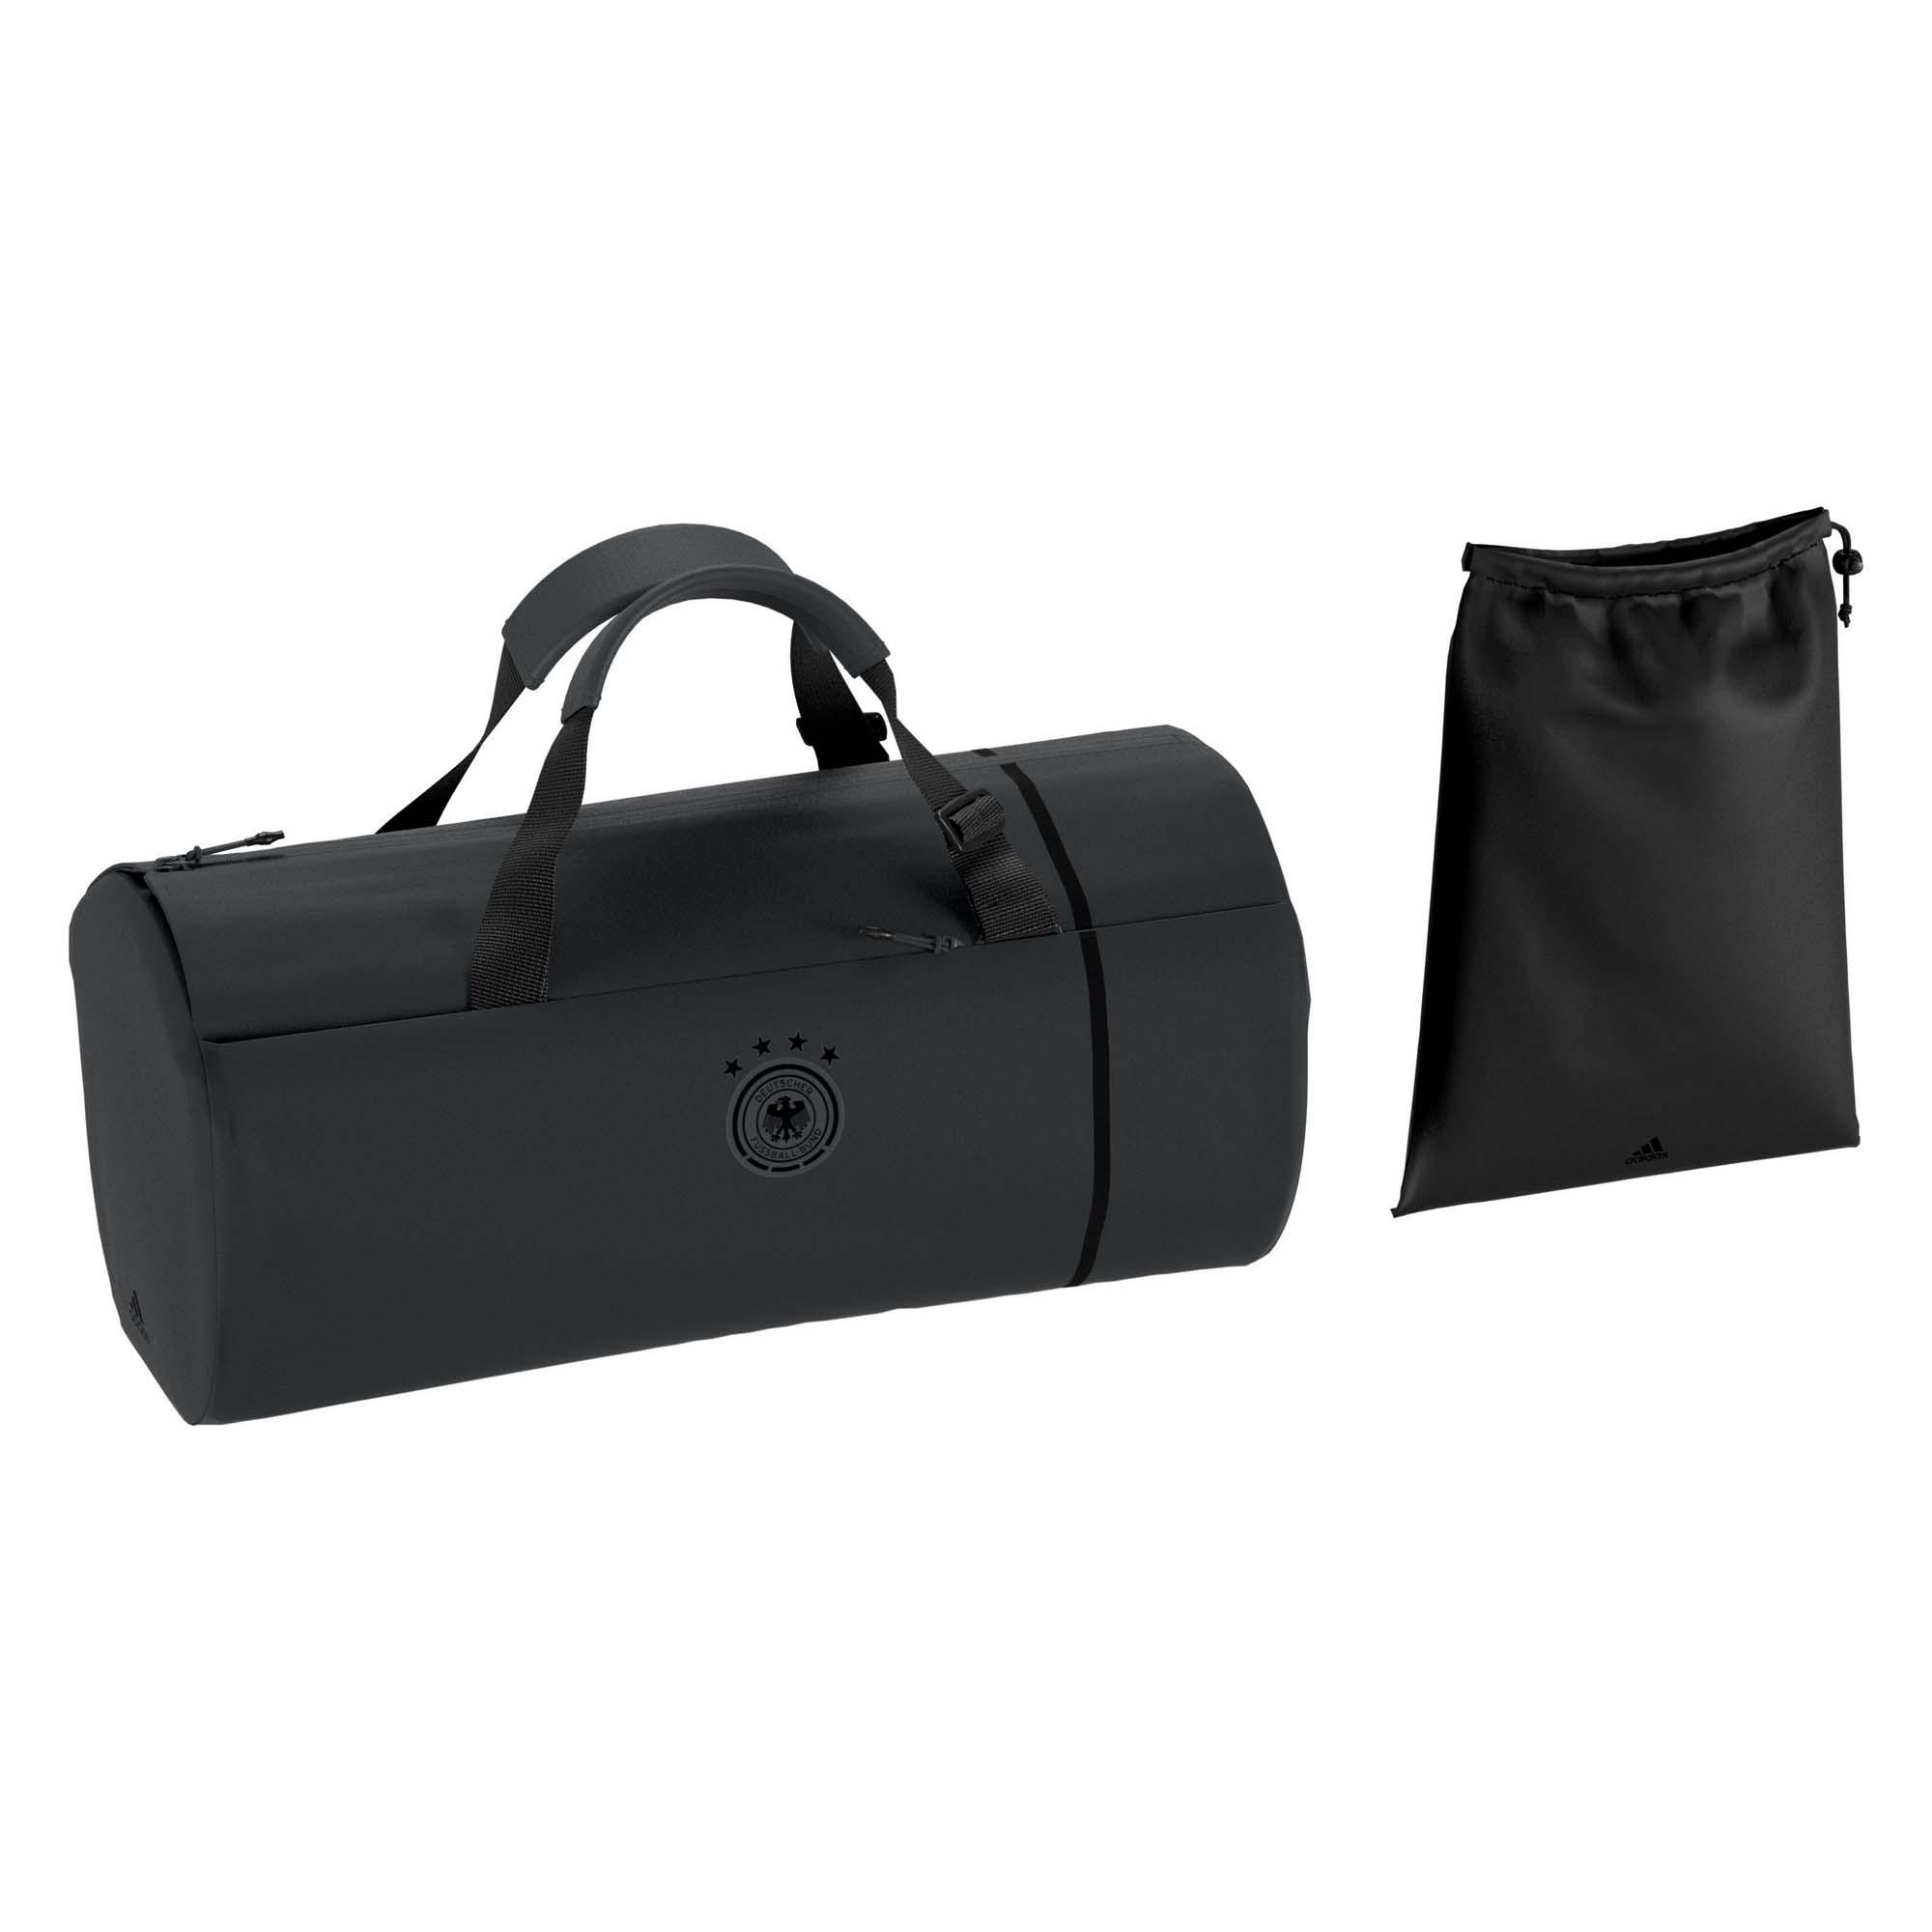 17ab2d03b8fae Sporttaschen und Rucksäcke bei Sportiply